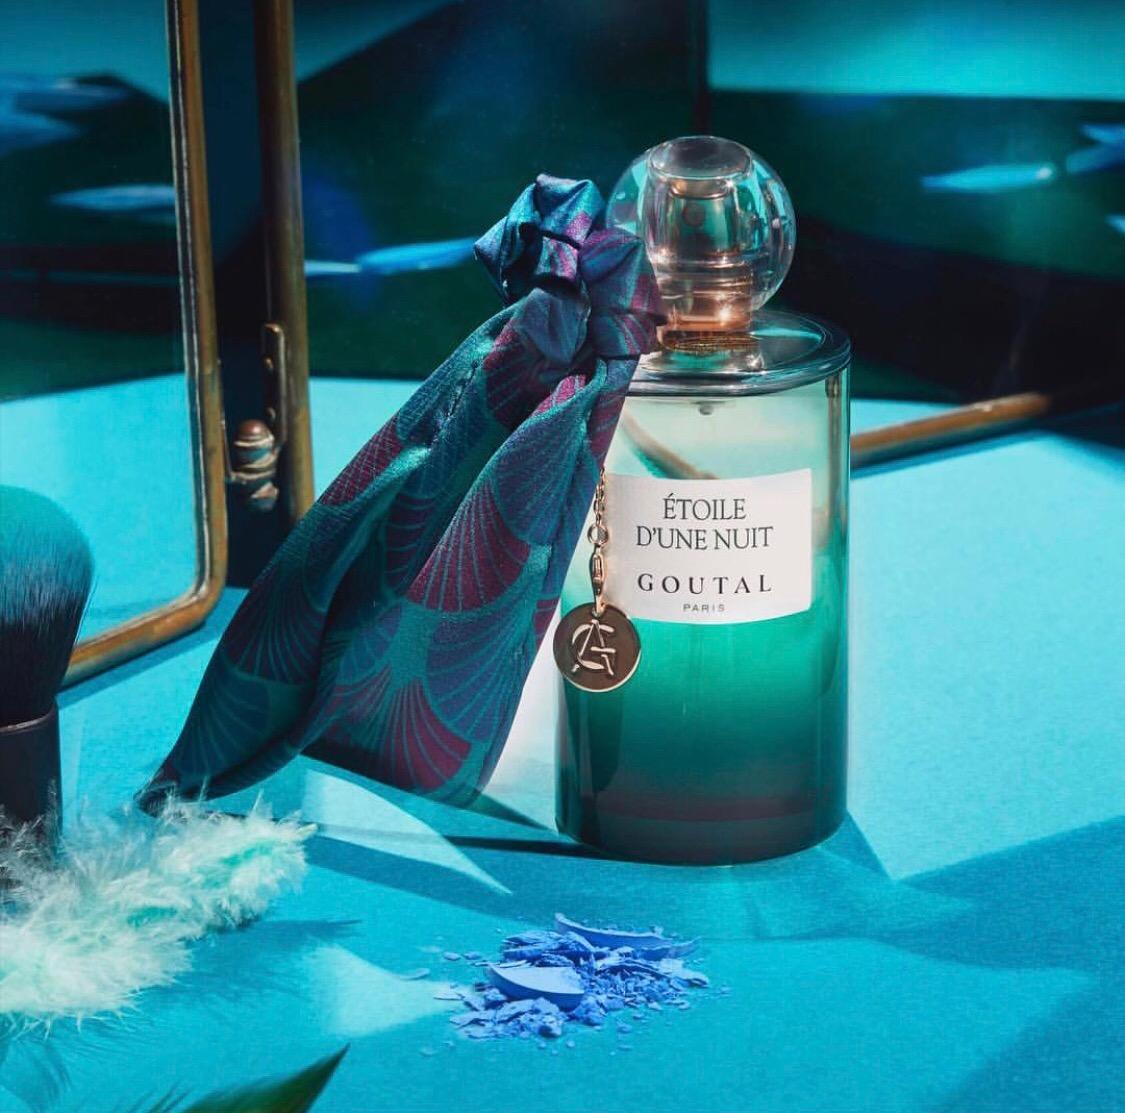 Goutal Paris new fragrance